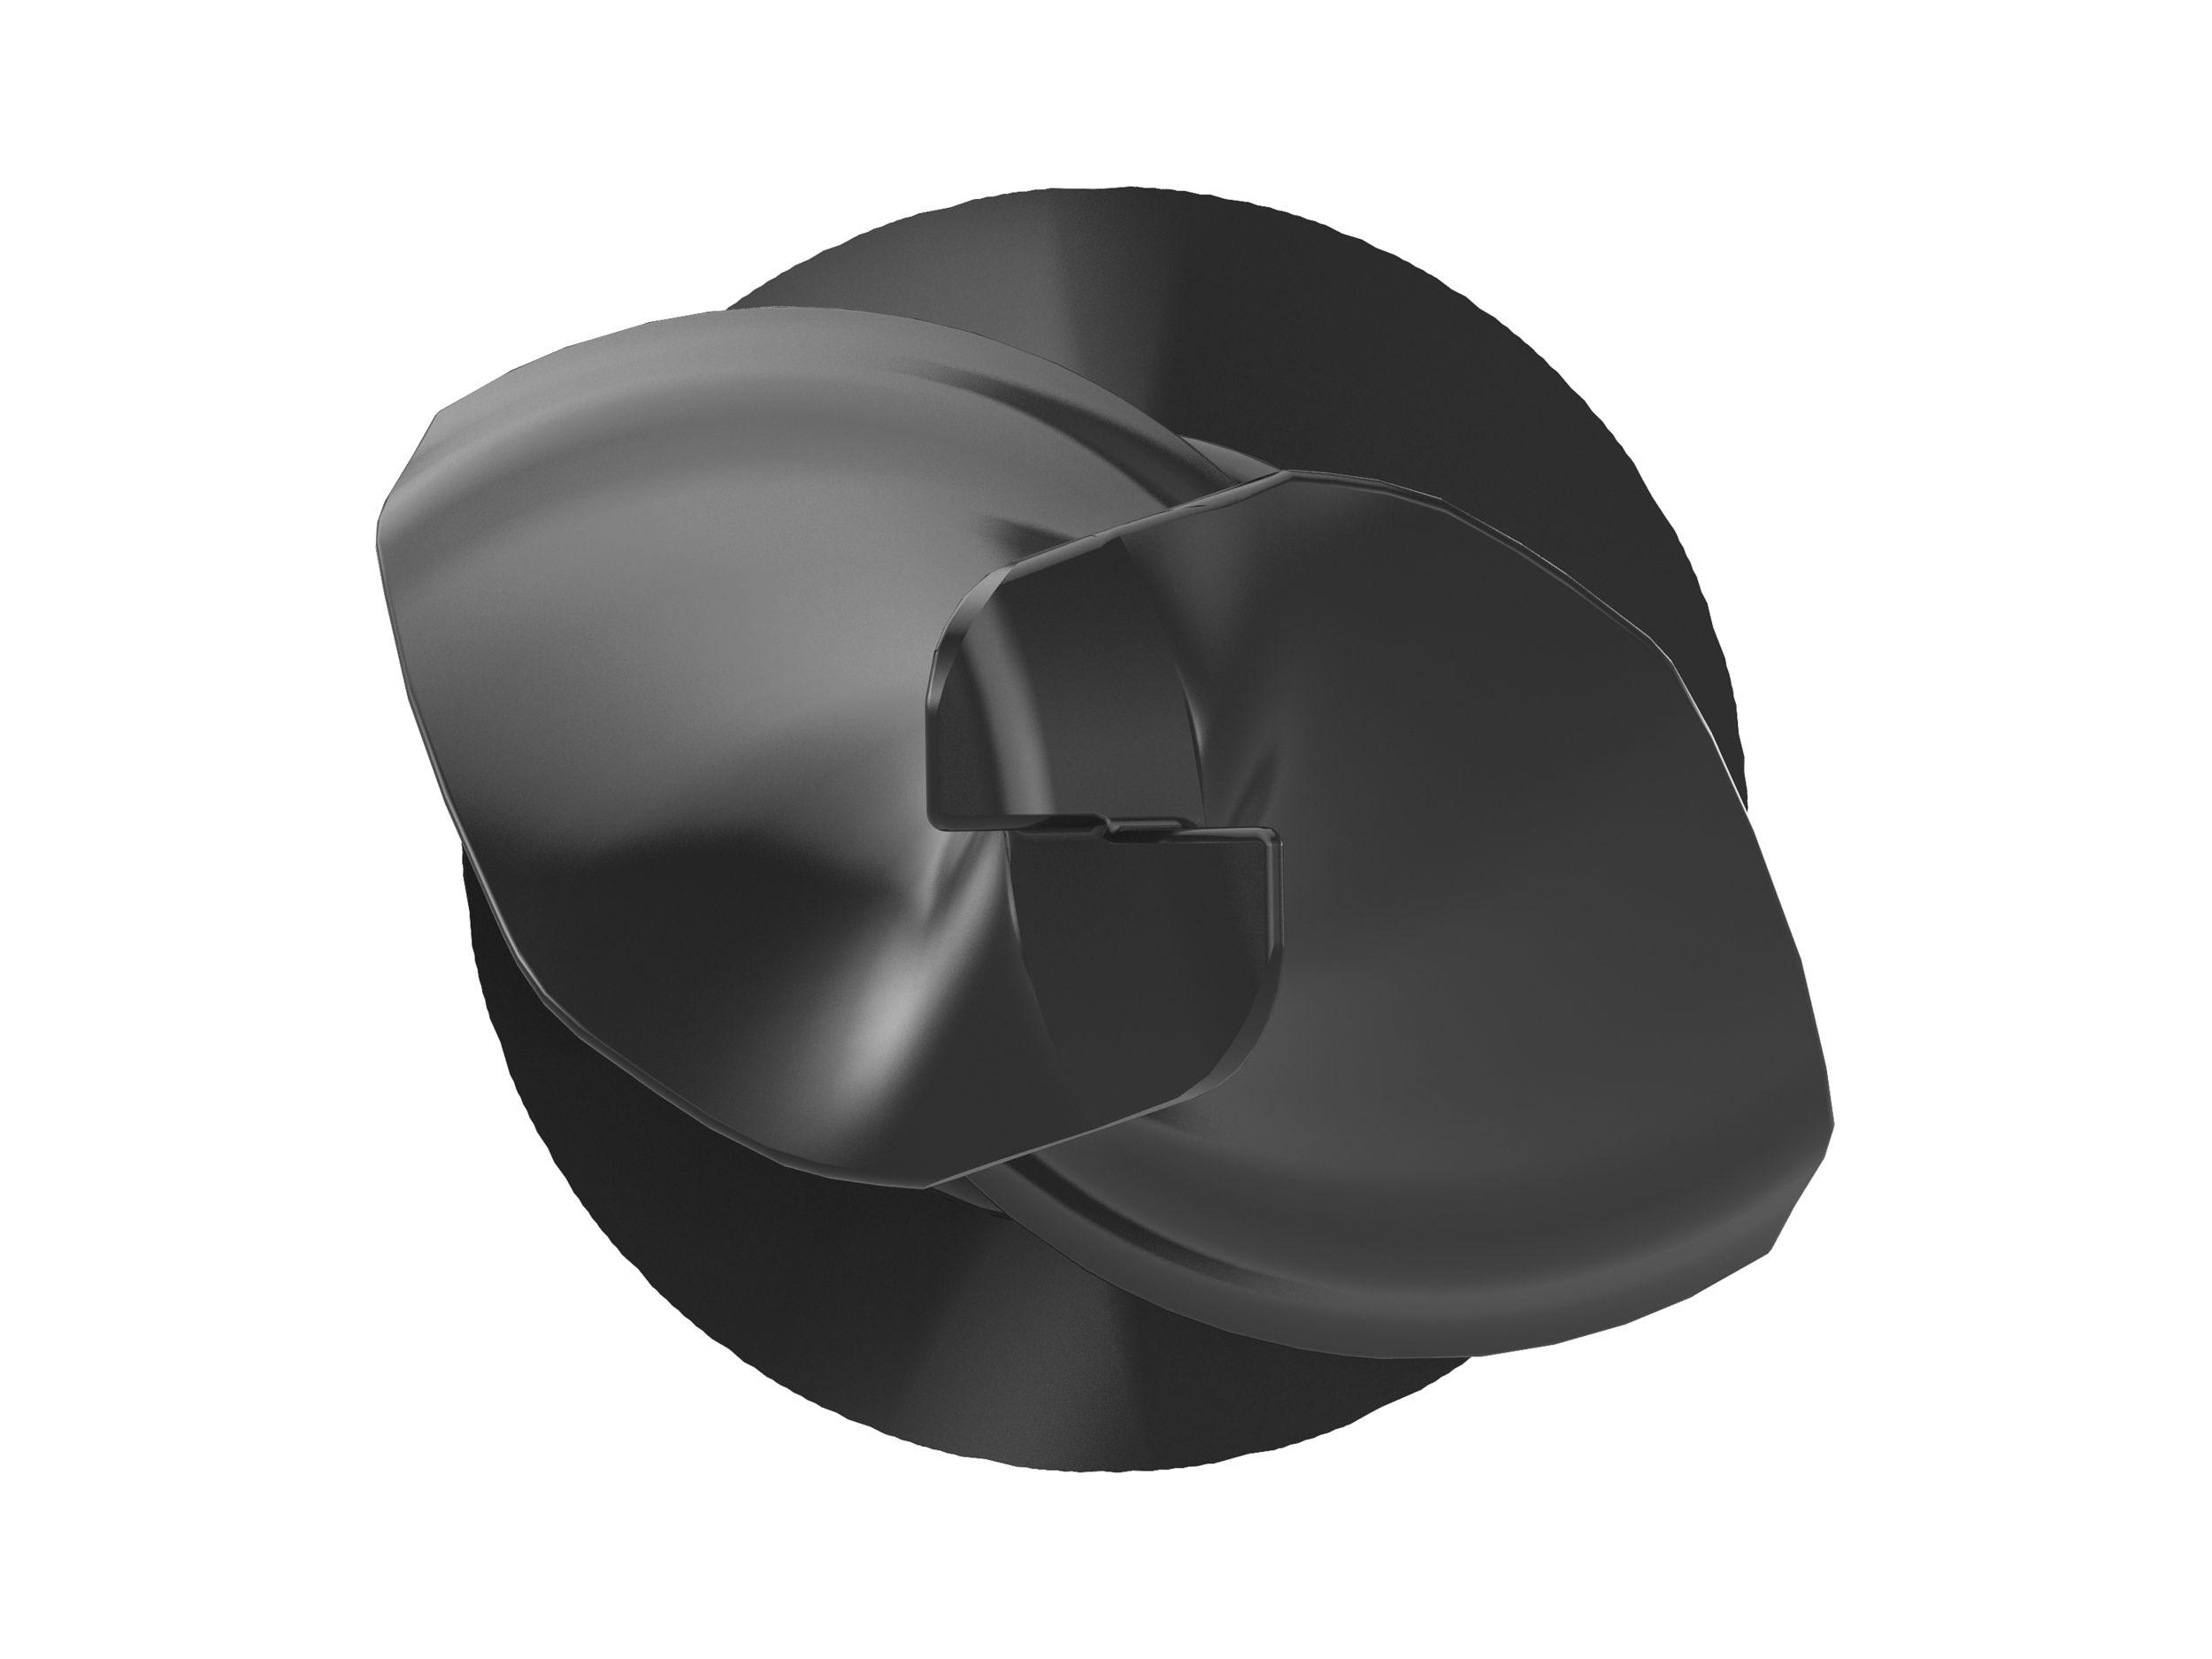 102 mm (4 in) Standard Bit